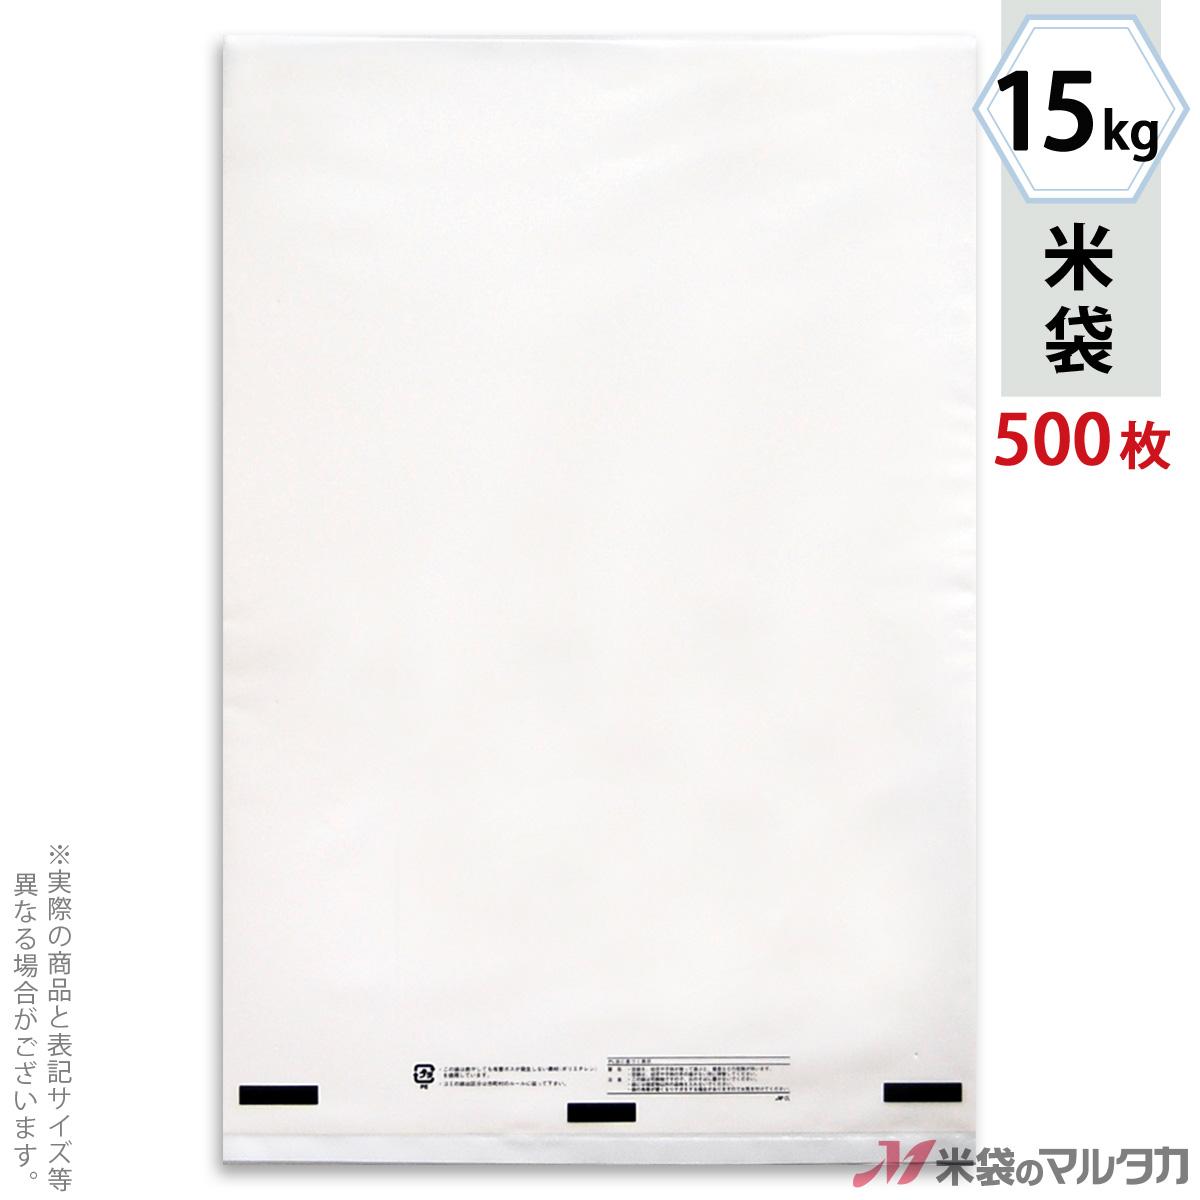 米袋 ポリ乳白 無地 15kg 1ケース(500枚入) P-04001